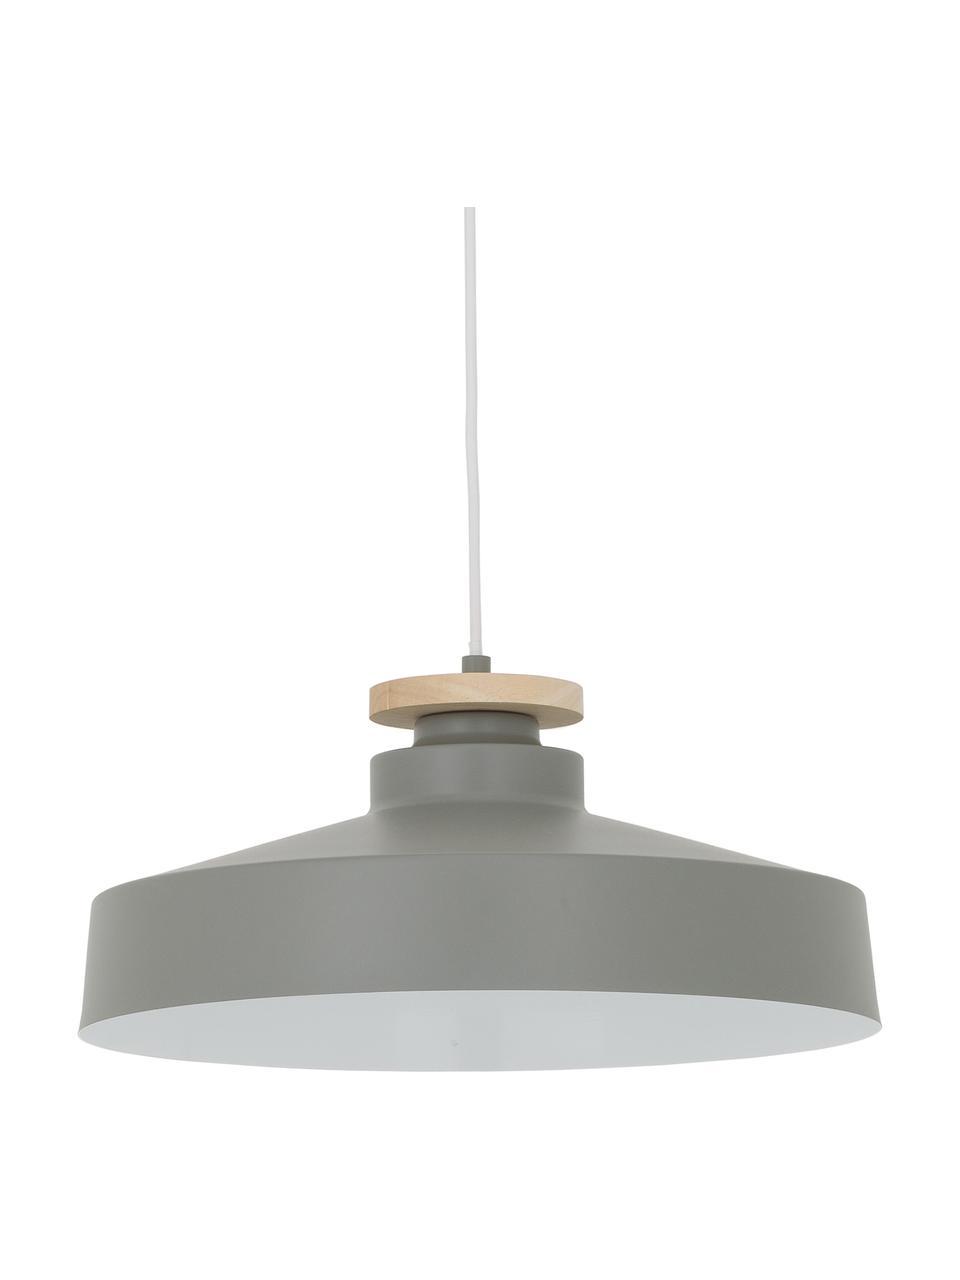 Lampada a sospensione stile nordico Malm, Paralume: metallo, Baldacchino: metallo, Grigio, Ø 40 x Alt. 20 cm